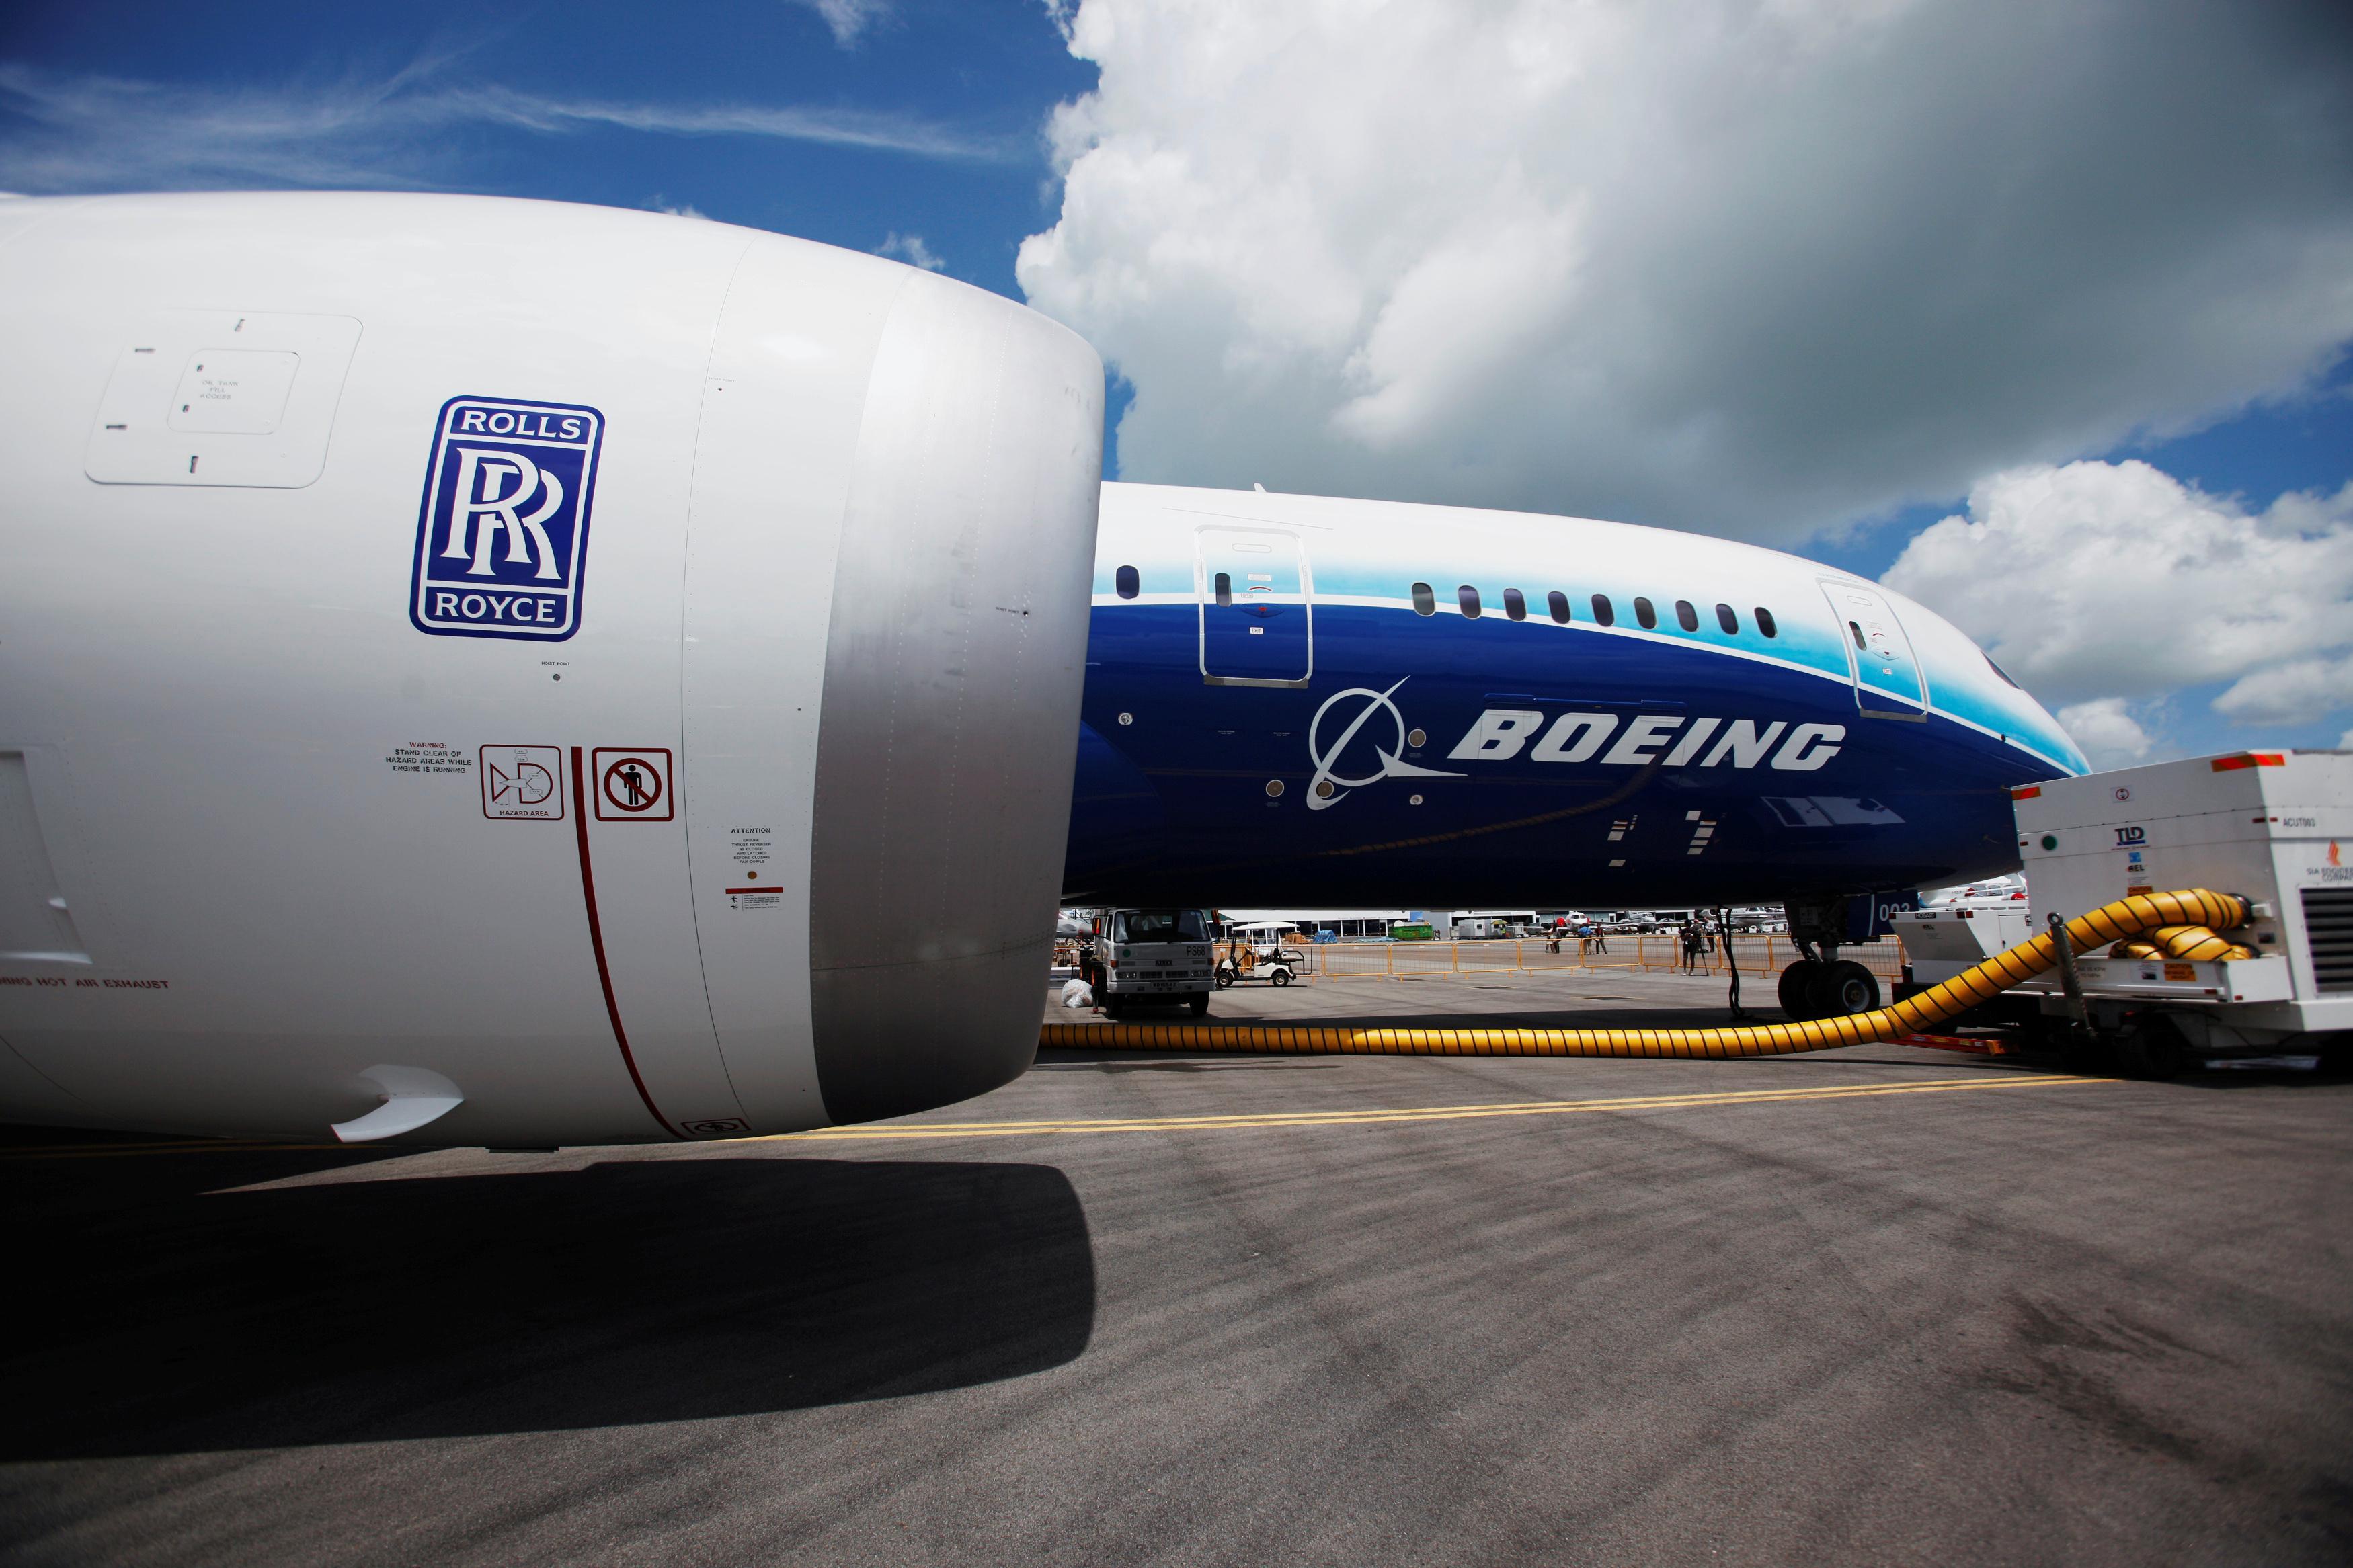 Rolls-Royce sees further delay in Trent 1000 engine overhaul